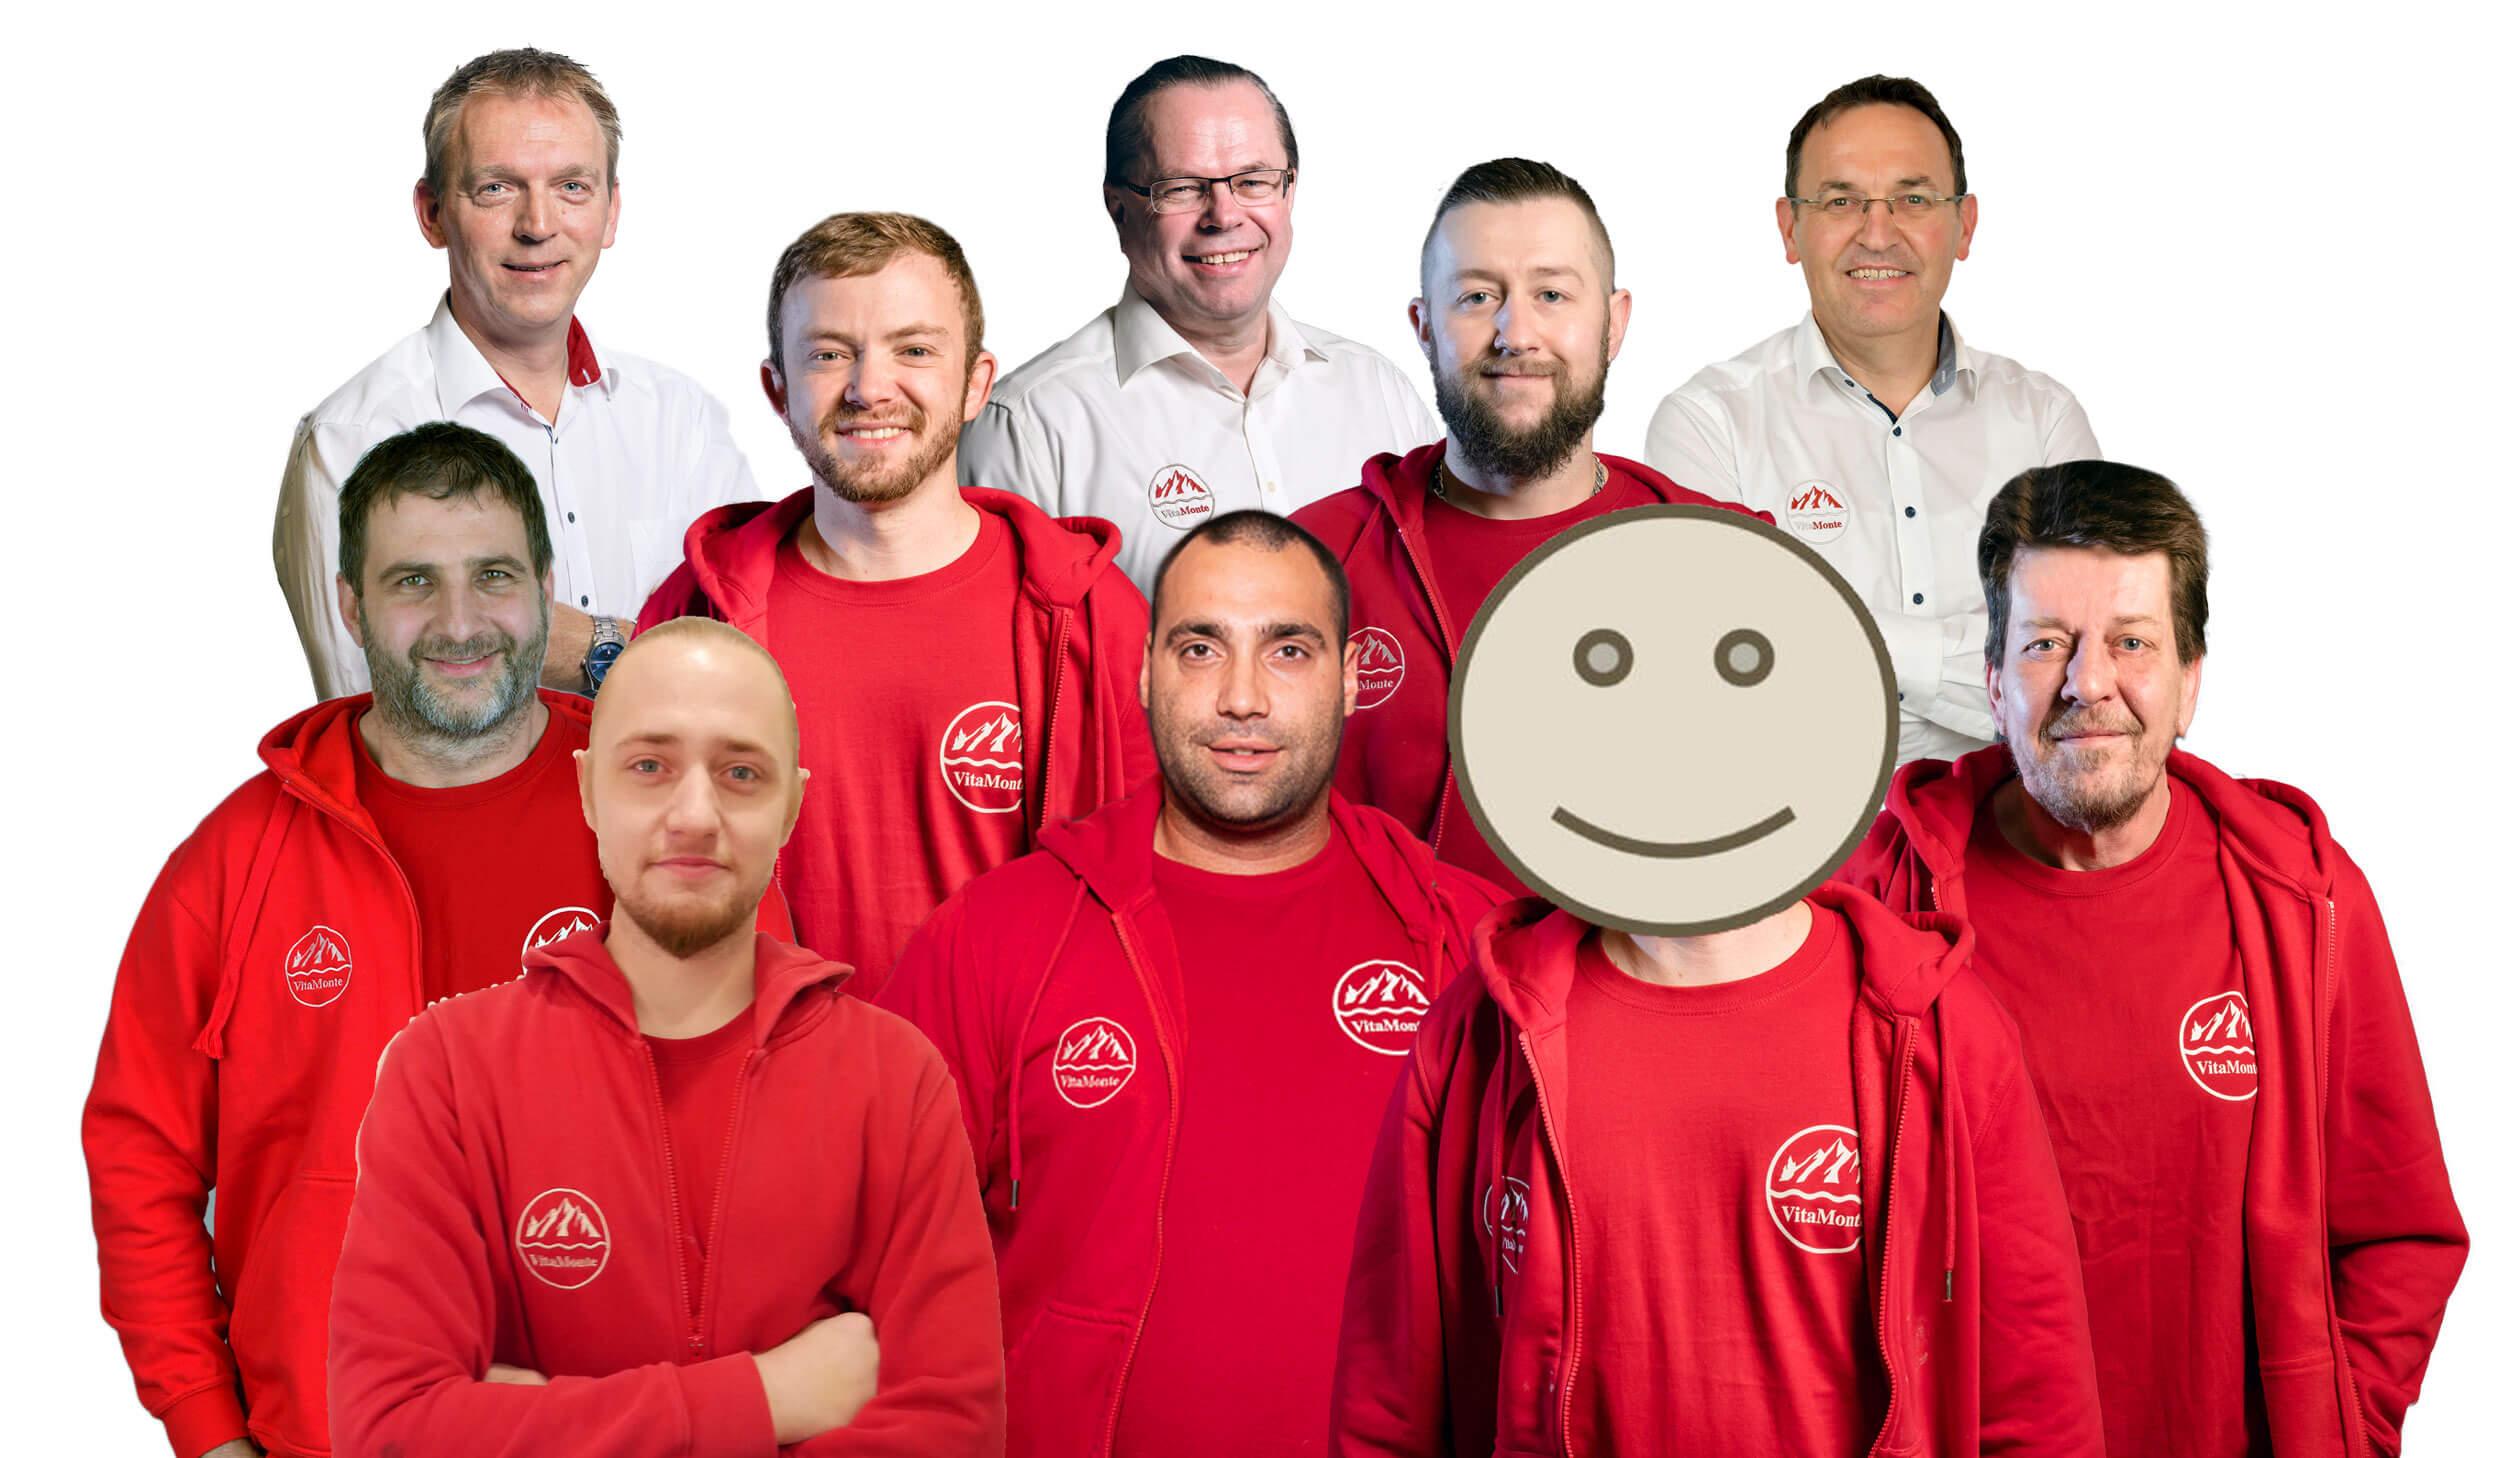 VitaMonte Team